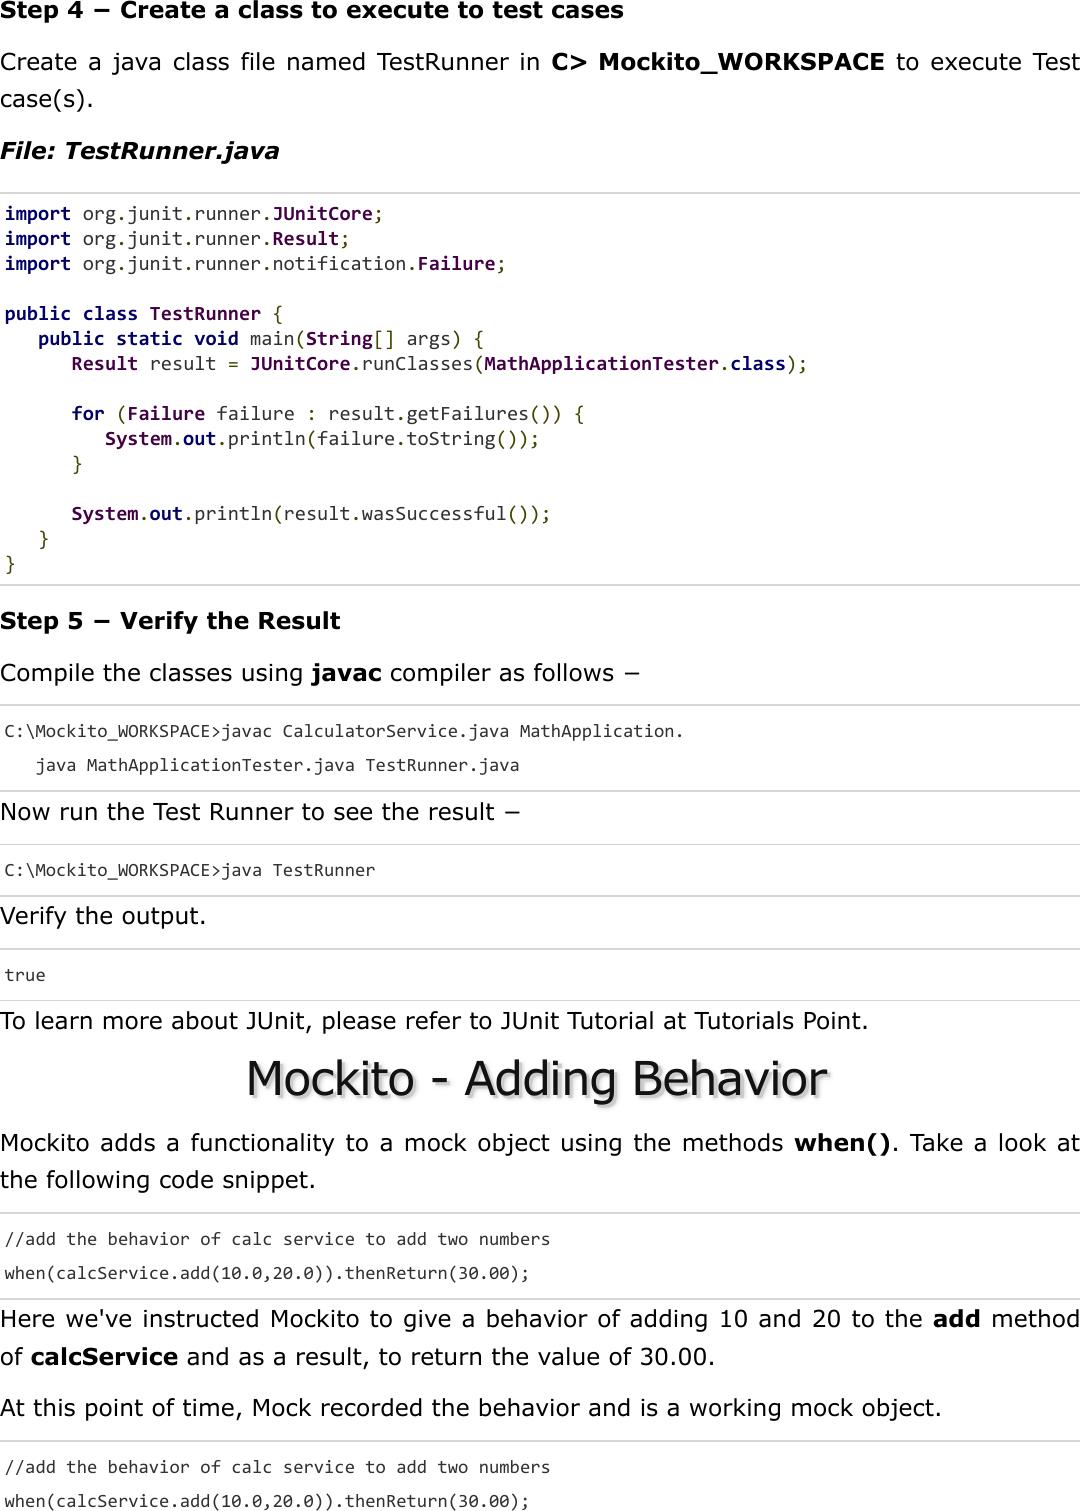 Mockito Quick Guide